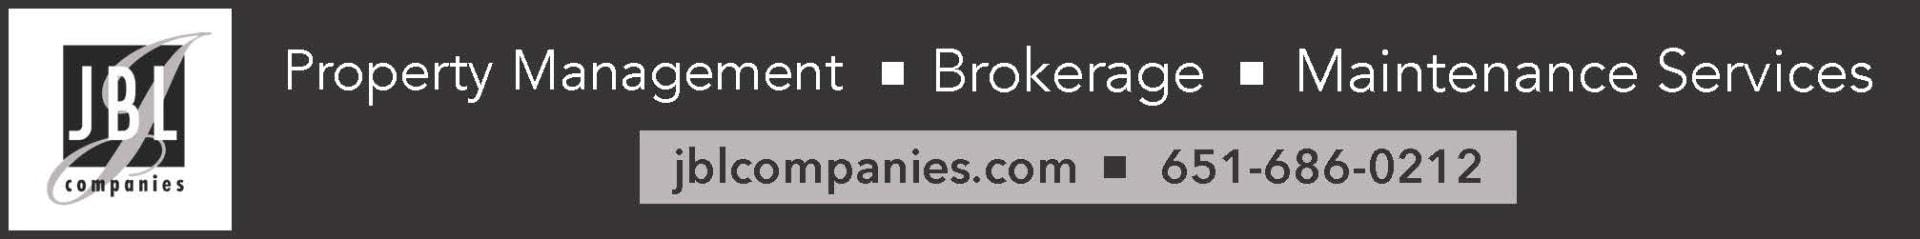 JBL-Banner-website-6.30.21(1).jpg